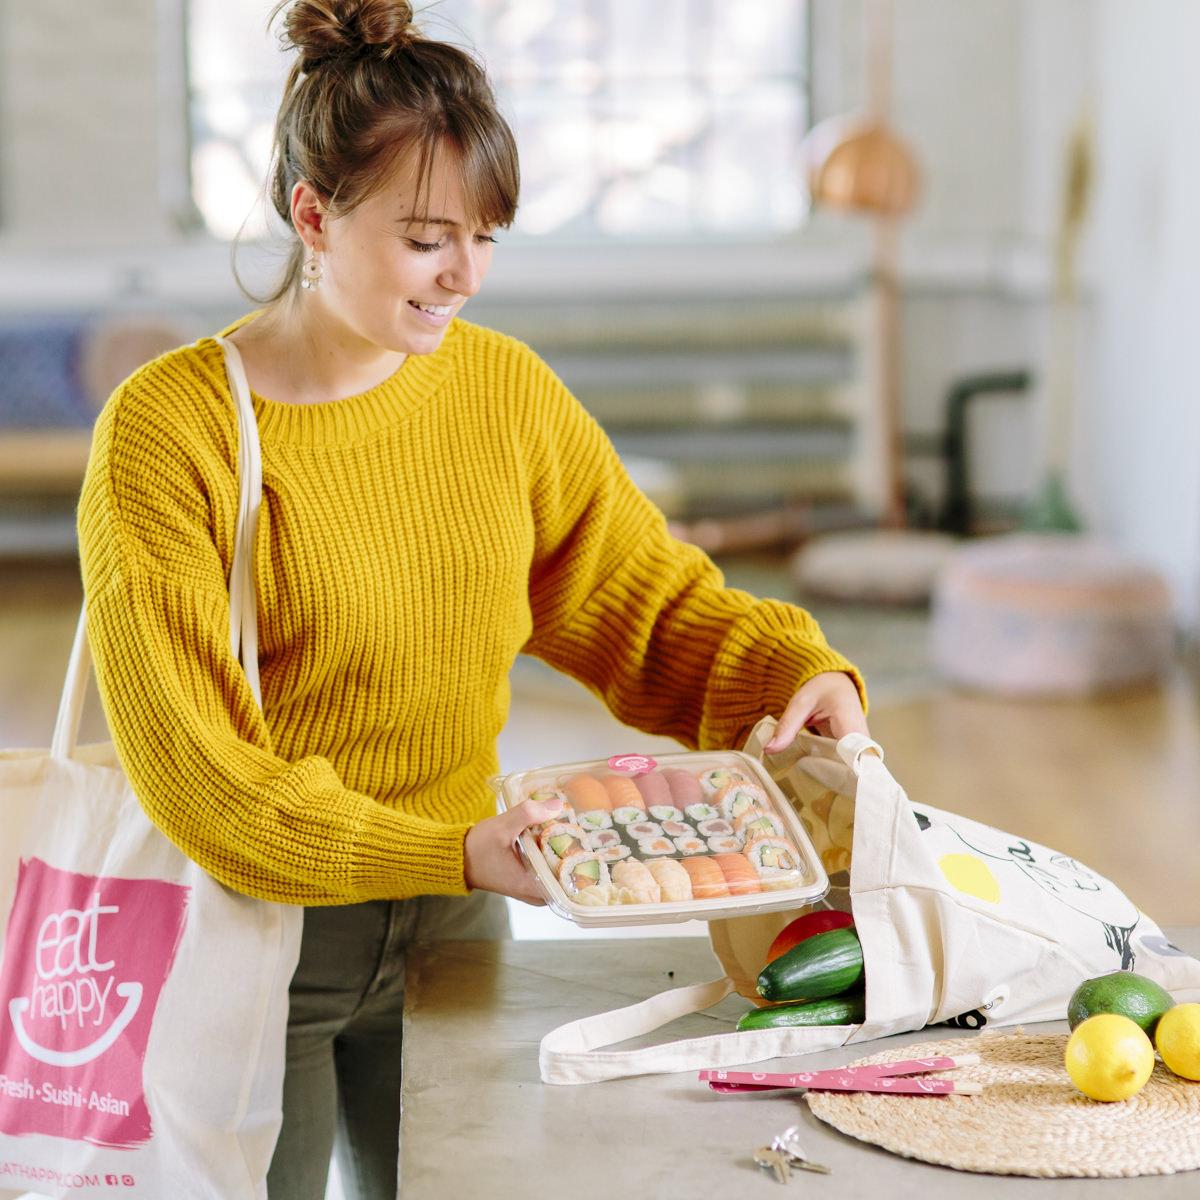 eine Frau holt EatHappy Sushi aus ihrer Tasche für Social Media Content Fotografie | Foto: Hanna Witte